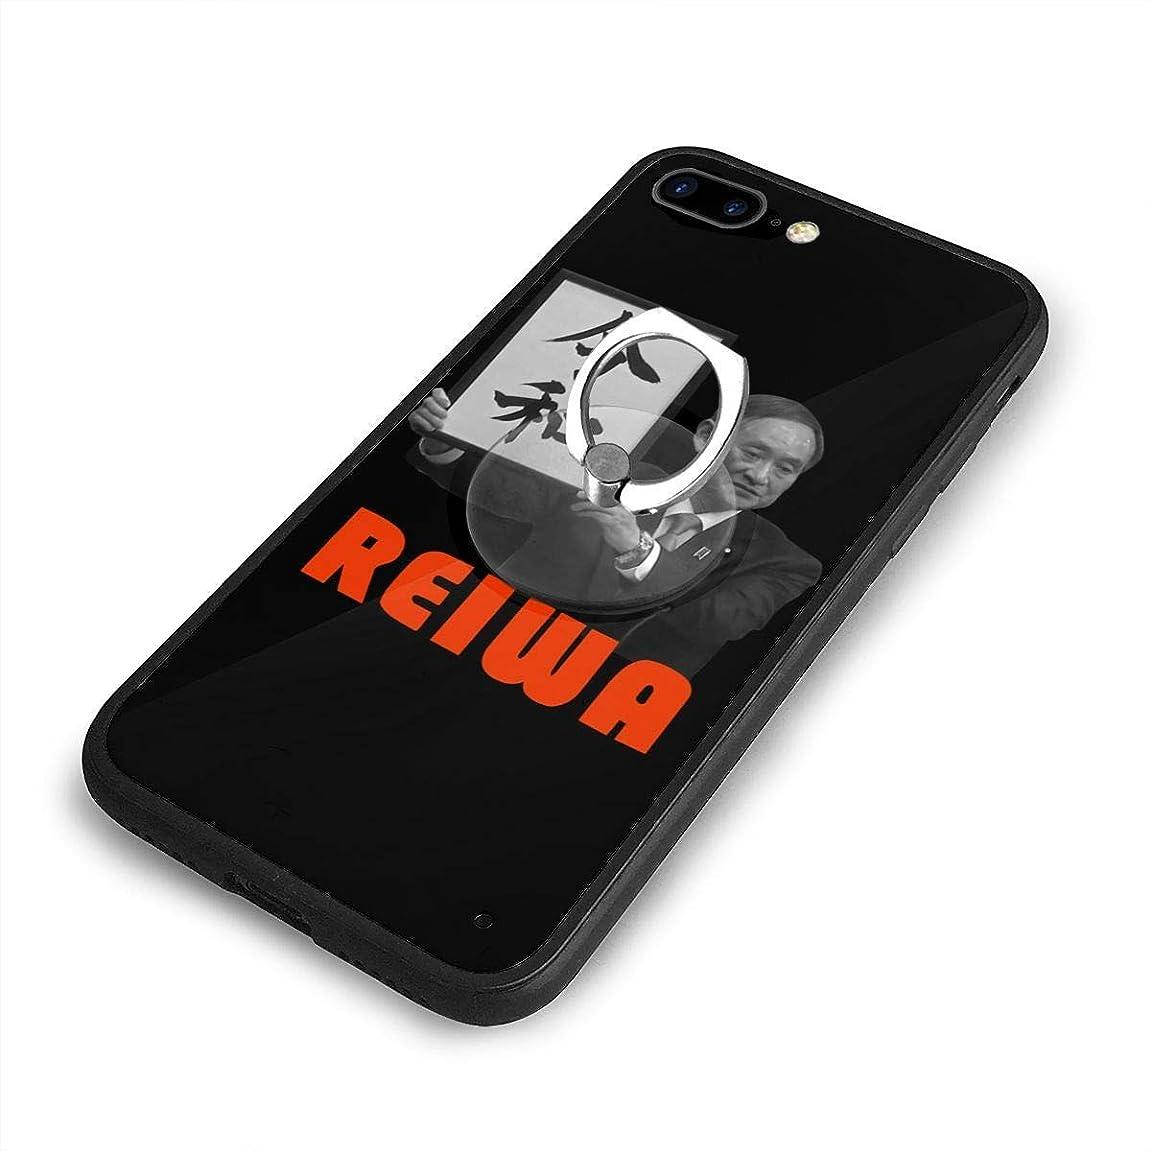 マーベル六月道に迷いました令和 Reiwa iPhone 7/8 Plusケースリングブラケット 携帯カバー 創意デザイン軽量 傷つけ防止 360°回転ブラケット 携帯ケース PC 衝撃防止 全面保護